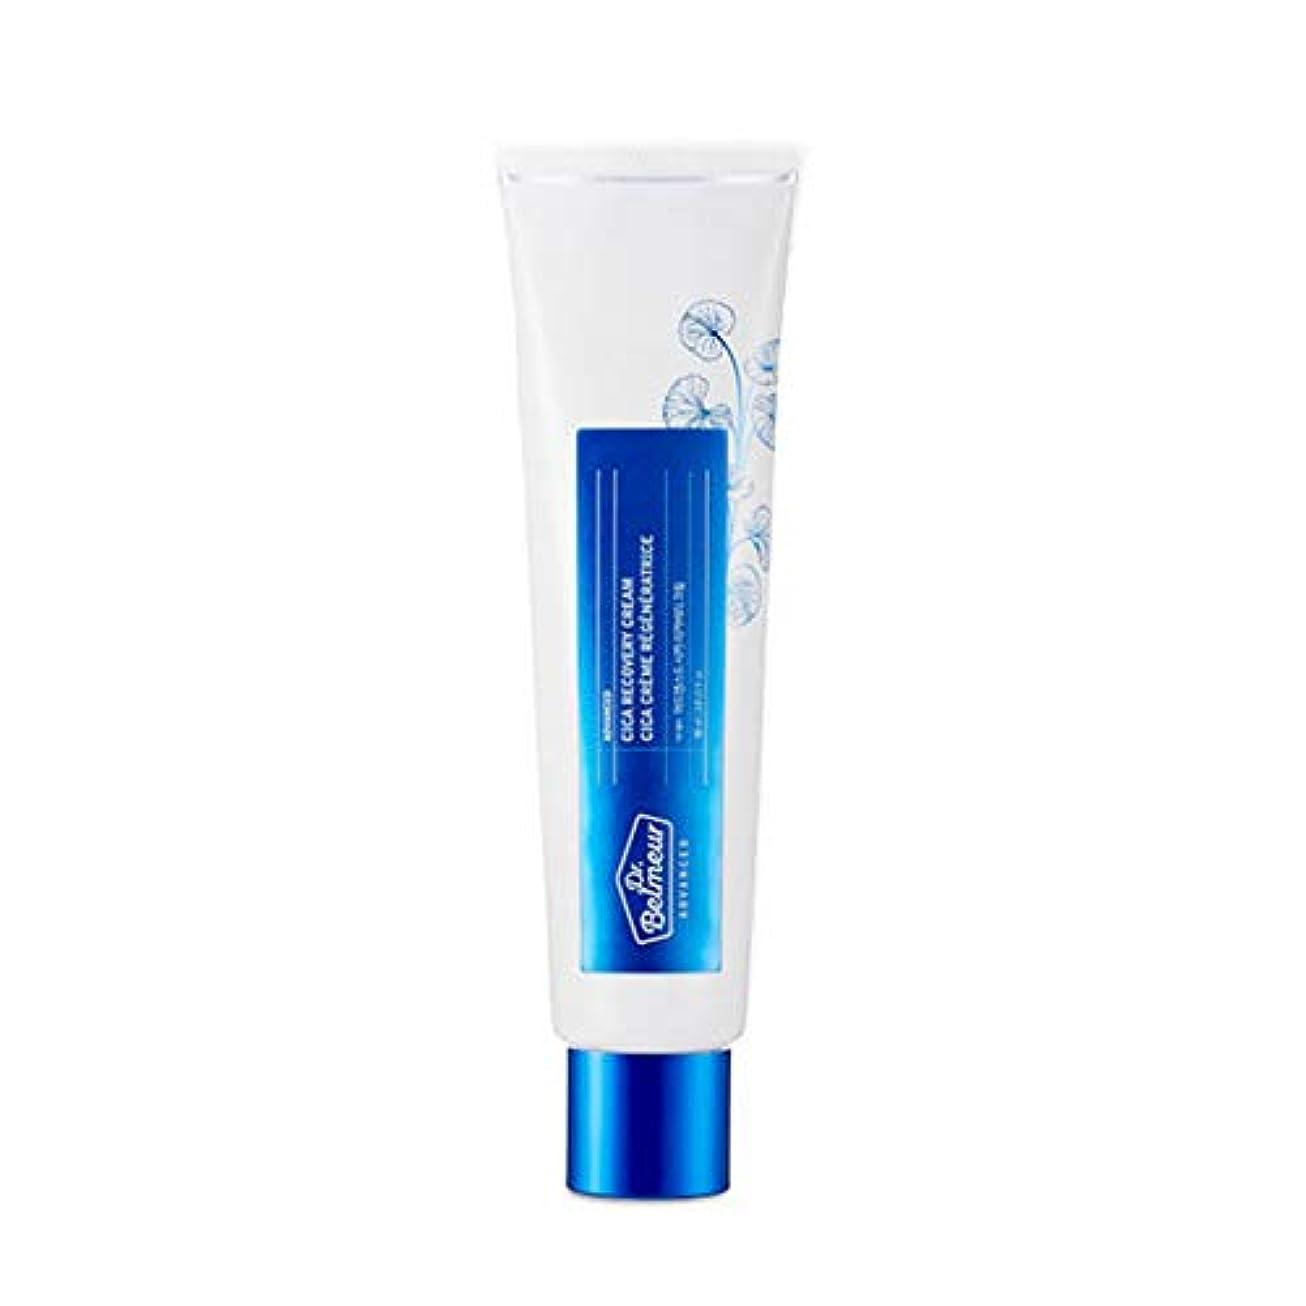 わずかに悩み到着するザ?フェイスショップドクターベルモアドバンスドシカリカバリークリーム60ml 韓国コスメ、The Face Shop Dr.Belmeur Advanced Cica Recovery Cream 60ml Korean...